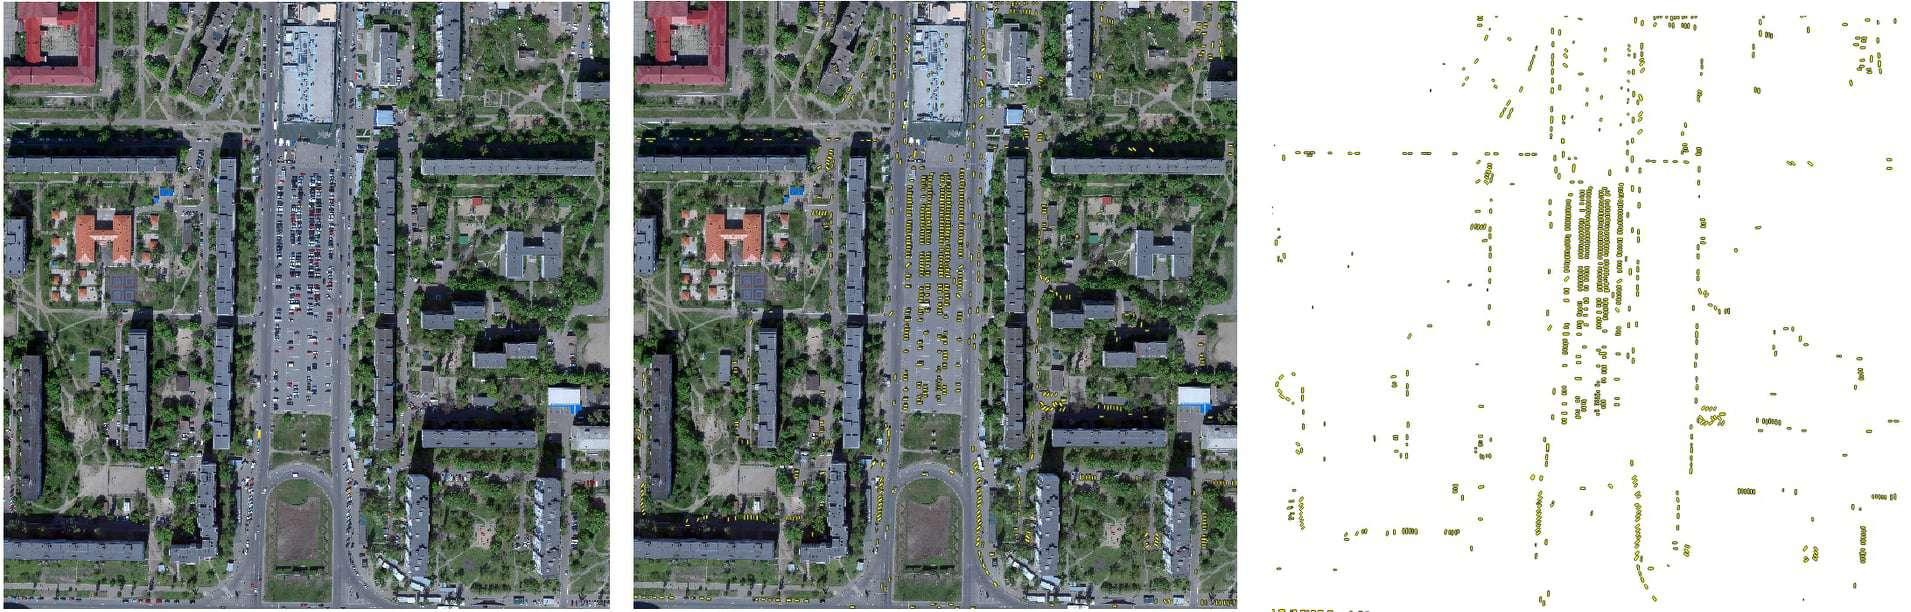 Программист подсчитал количество автомобилей в Киеве